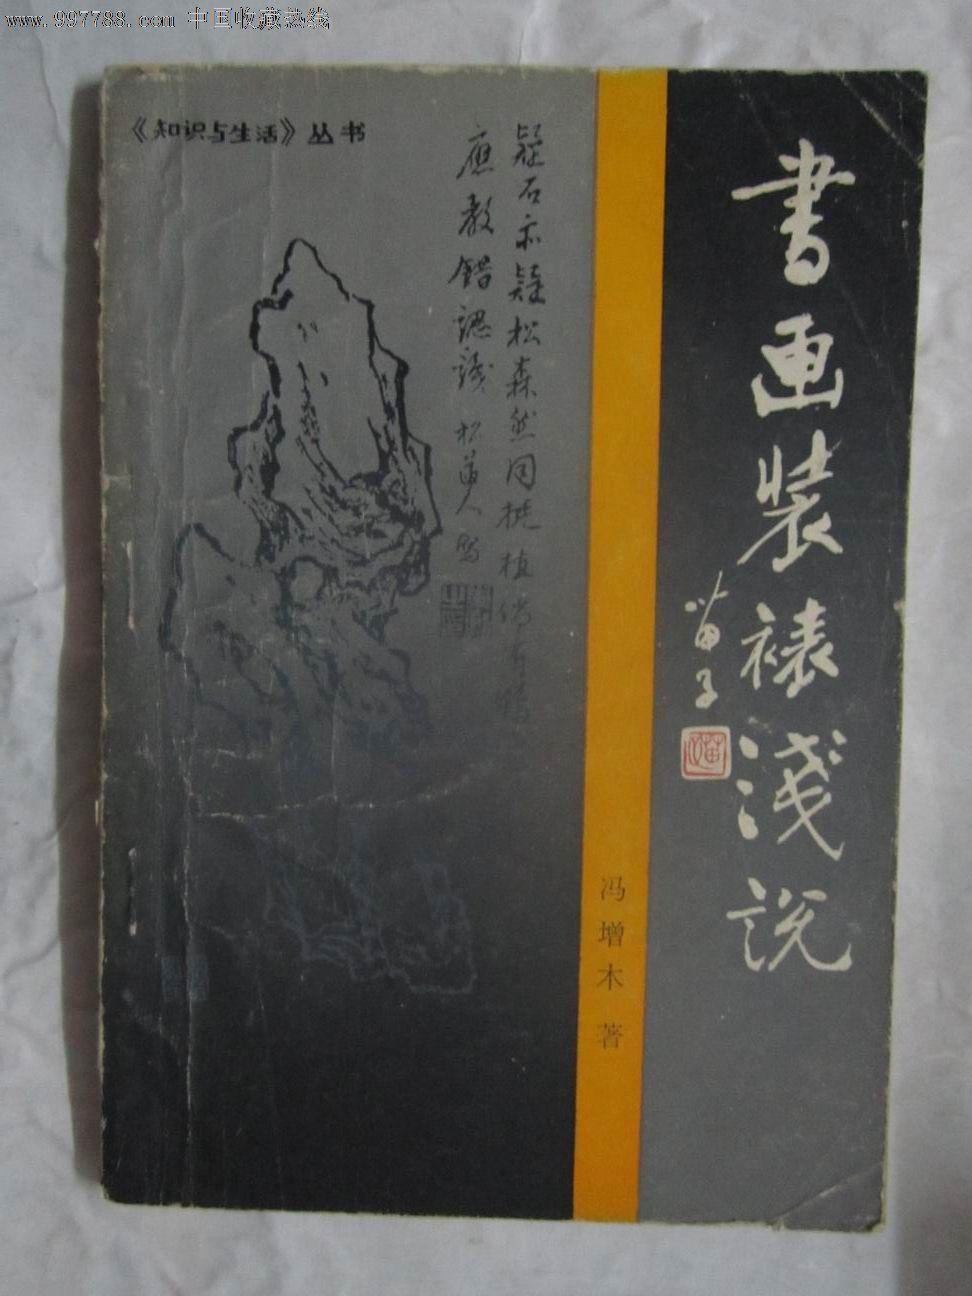 书画装裱浅说【大禹书屋】图片